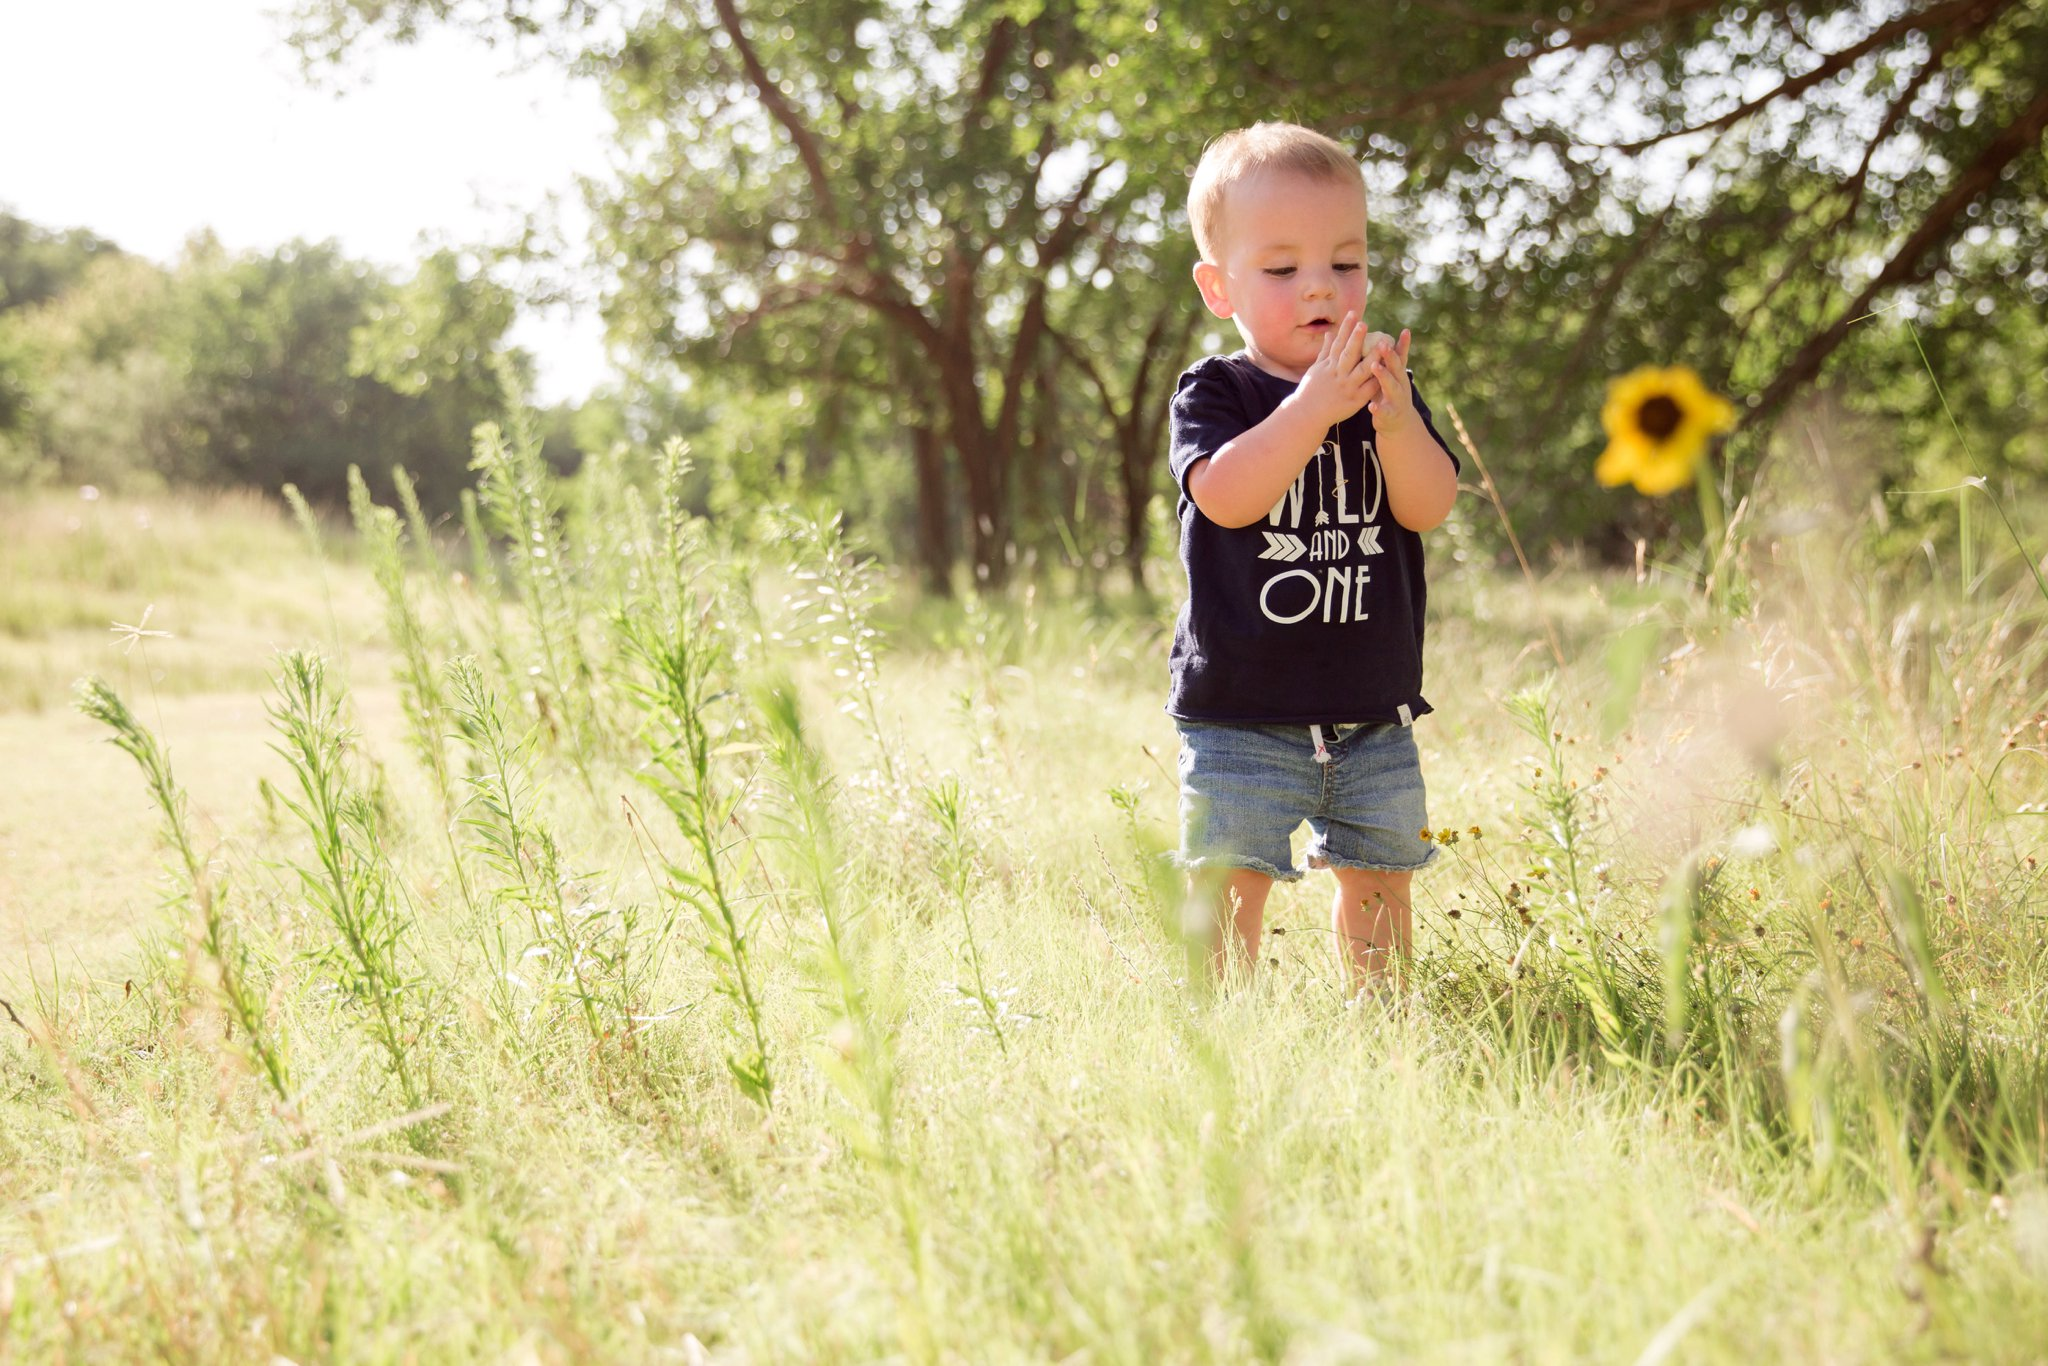 lubbock-family-photographer11.jpg